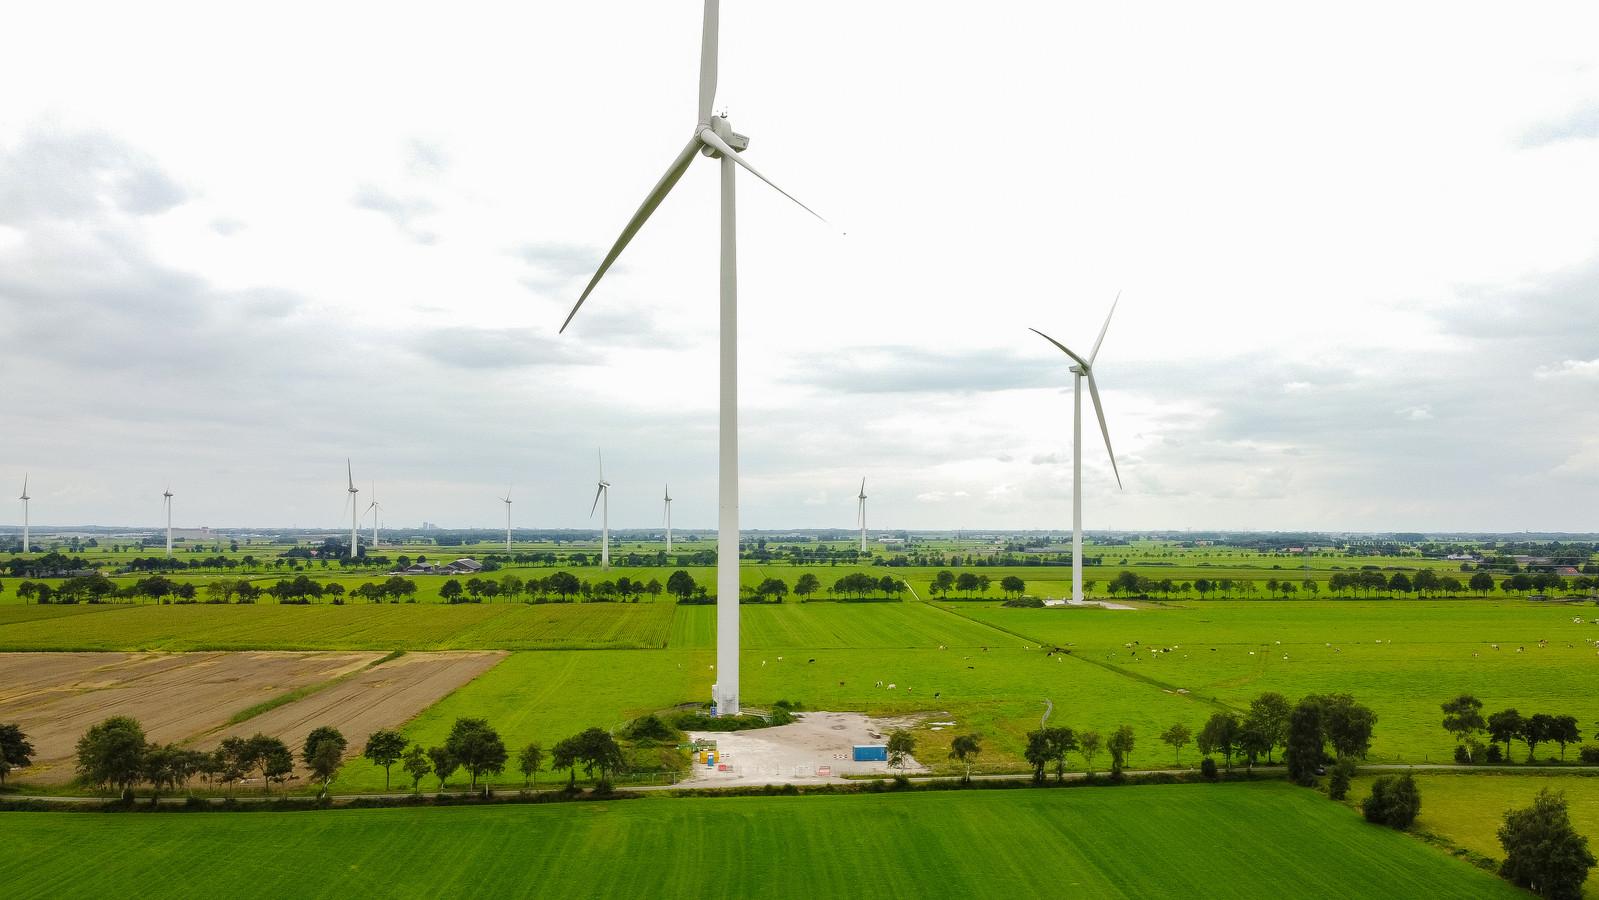 Duurzaamheidsclub Nieuwleusen Synergie nam het initiatief voor de bouw van twee windturbines in het dorp. Die staan er inmiddels een poosje, maar door tal van leveringsproblemen rond de laatste onderdelen draaien ze nog niet.